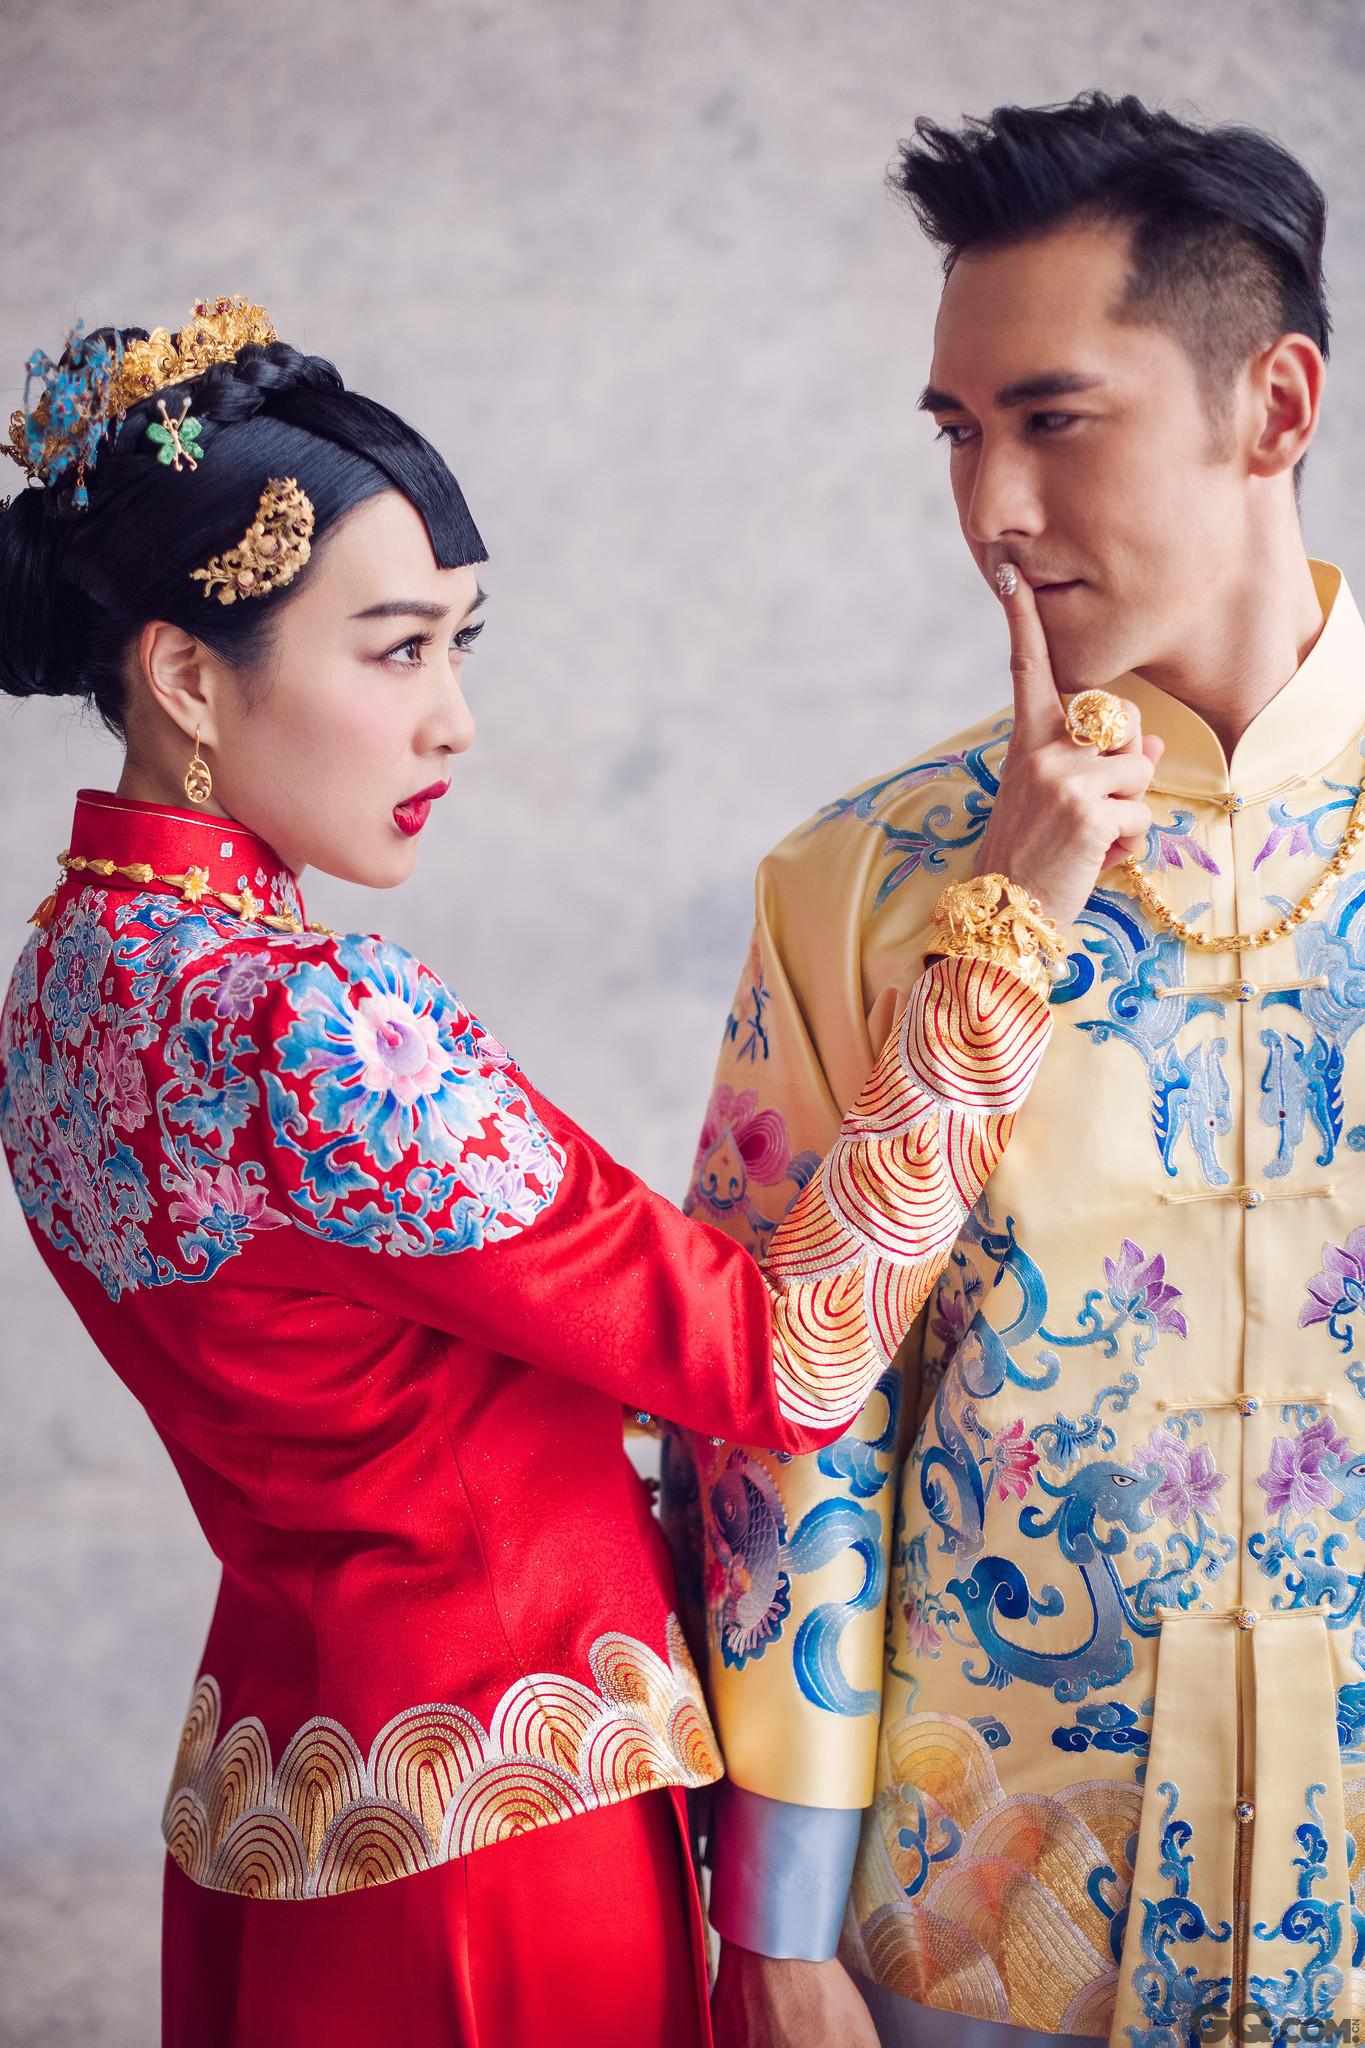 在宣布恋爱关系后,双方在各种场合高调秀爱。谈及婚后生活,张伦硕曾坦言自己和太太态度都很开放,不会抗拒有新的孩子降临。